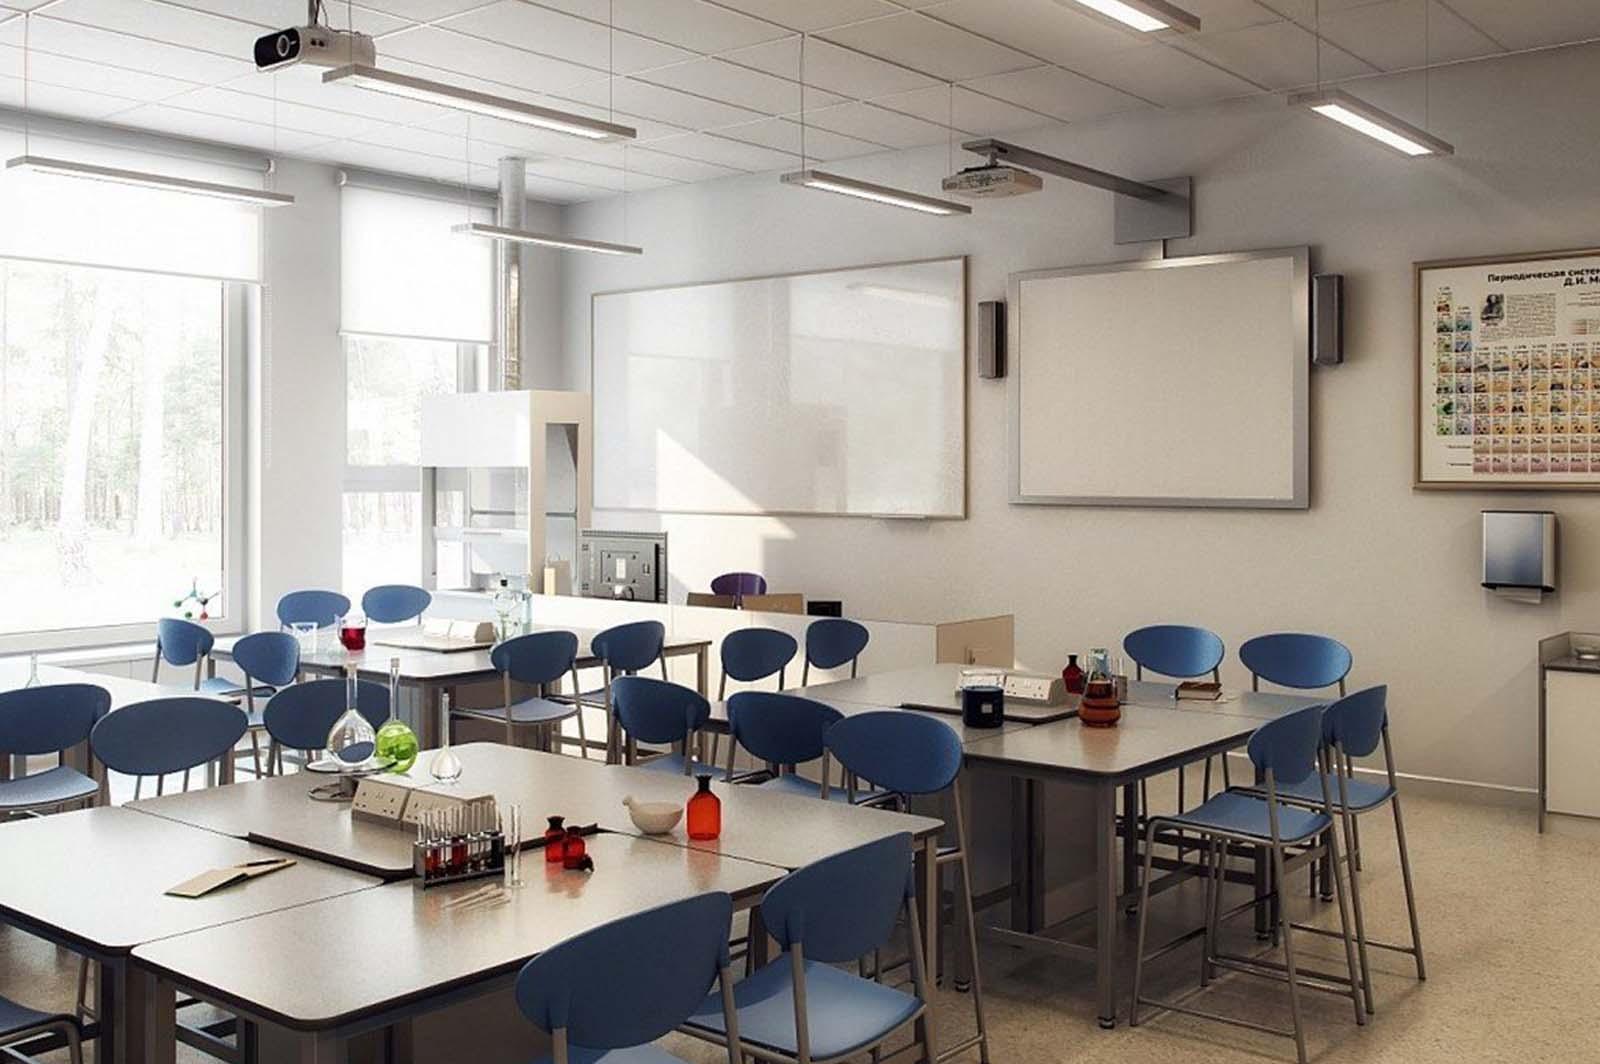 Образовательный кластер запустят на базе школы «Летово» в Новой Москве